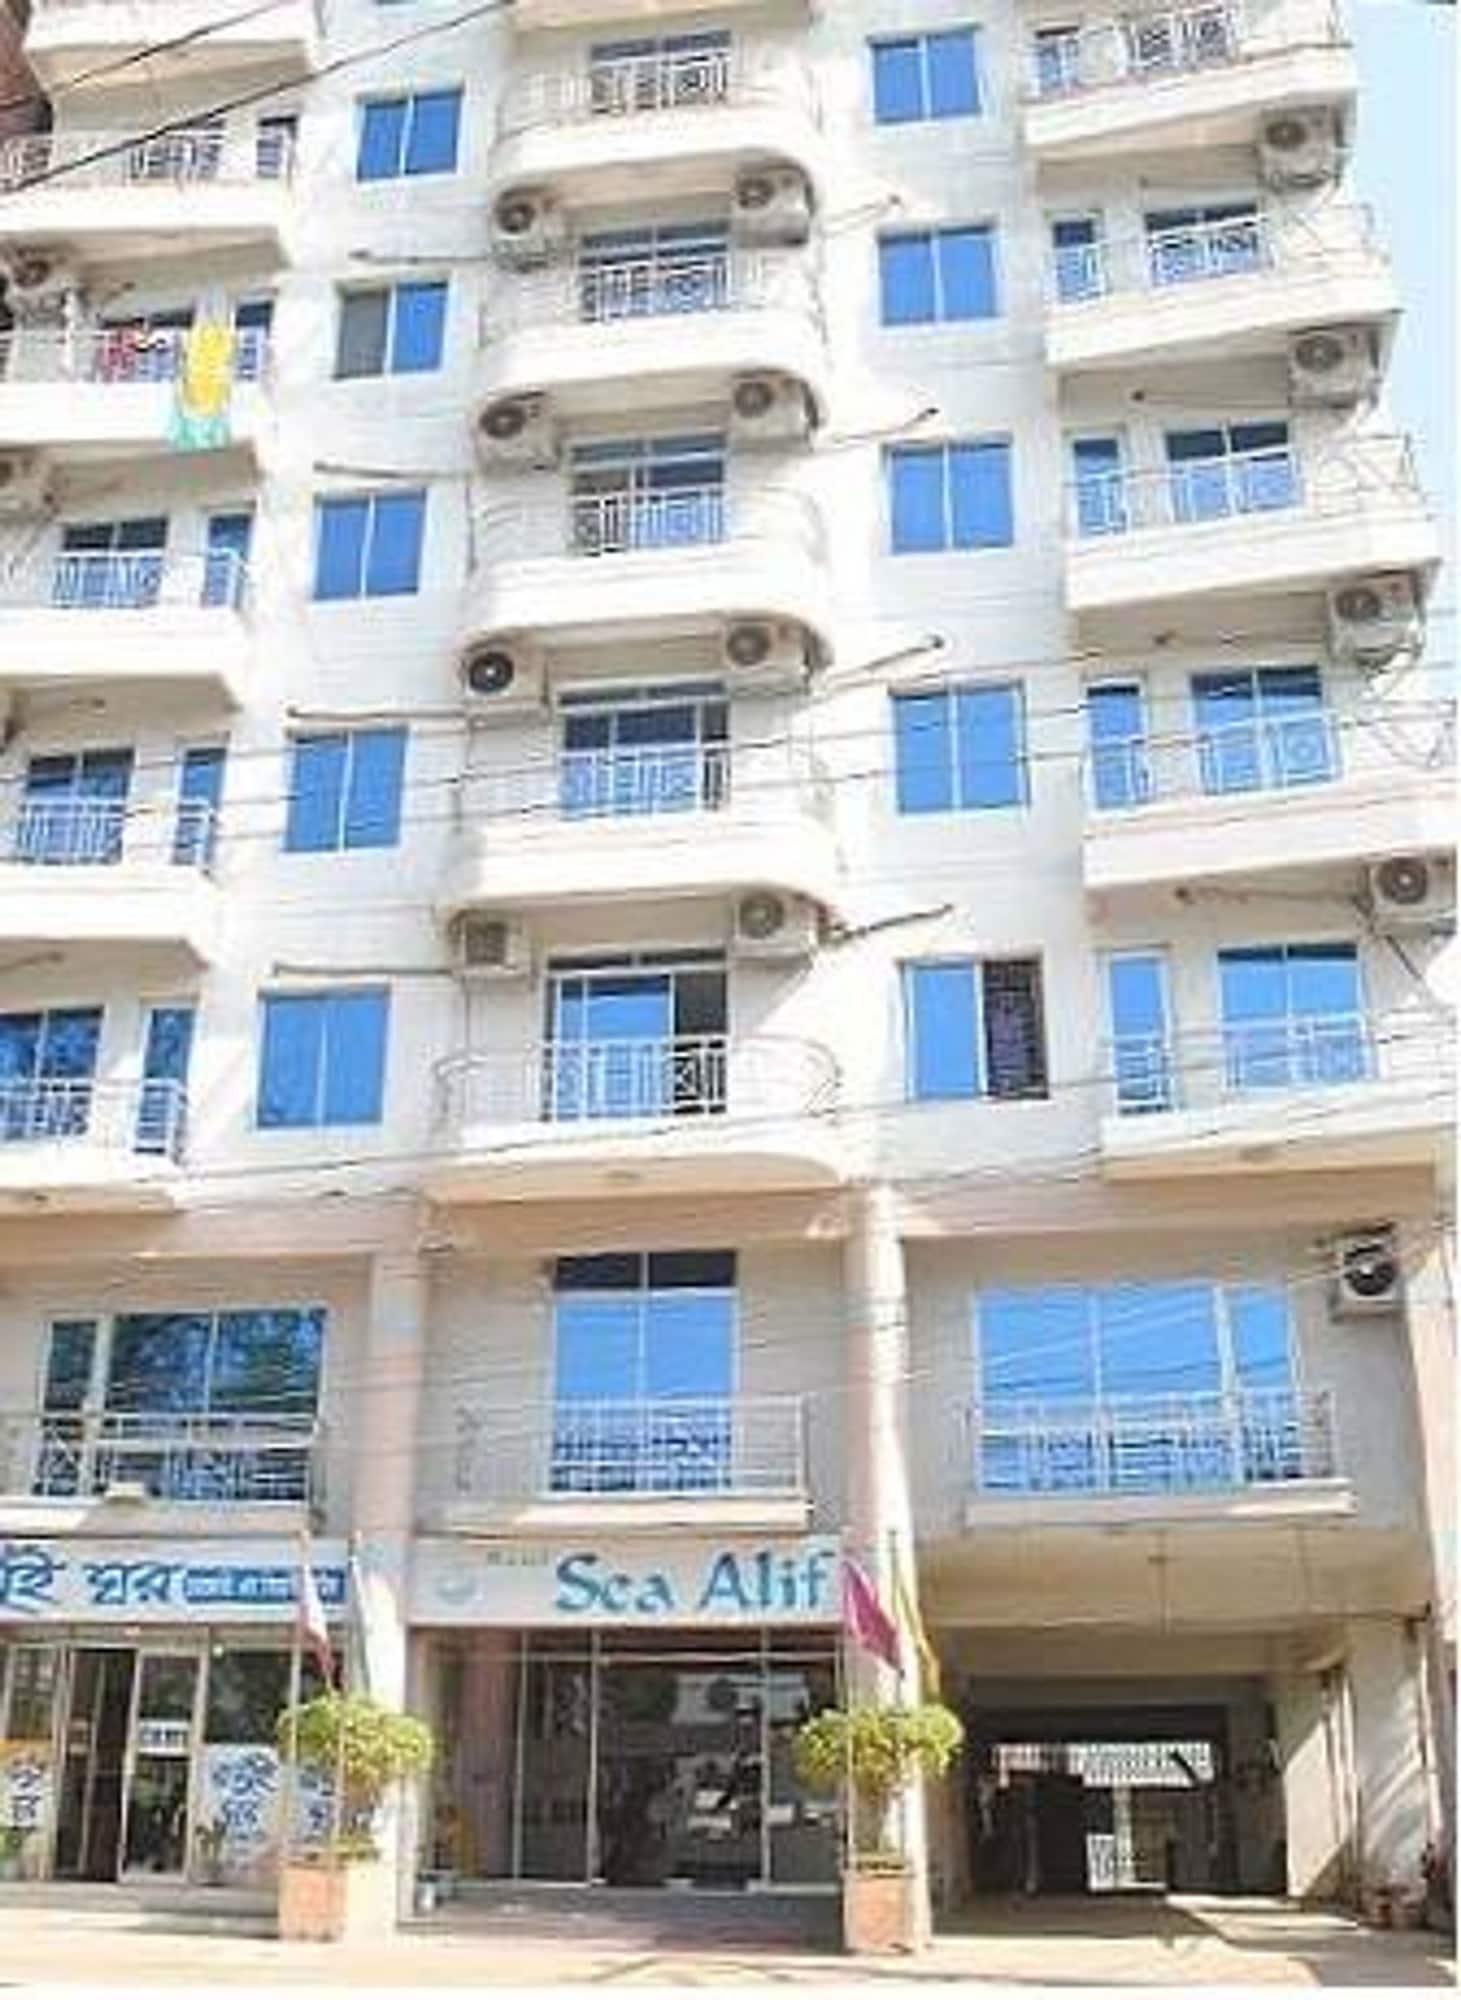 Hotel Sea Alif, Cox's Bazar